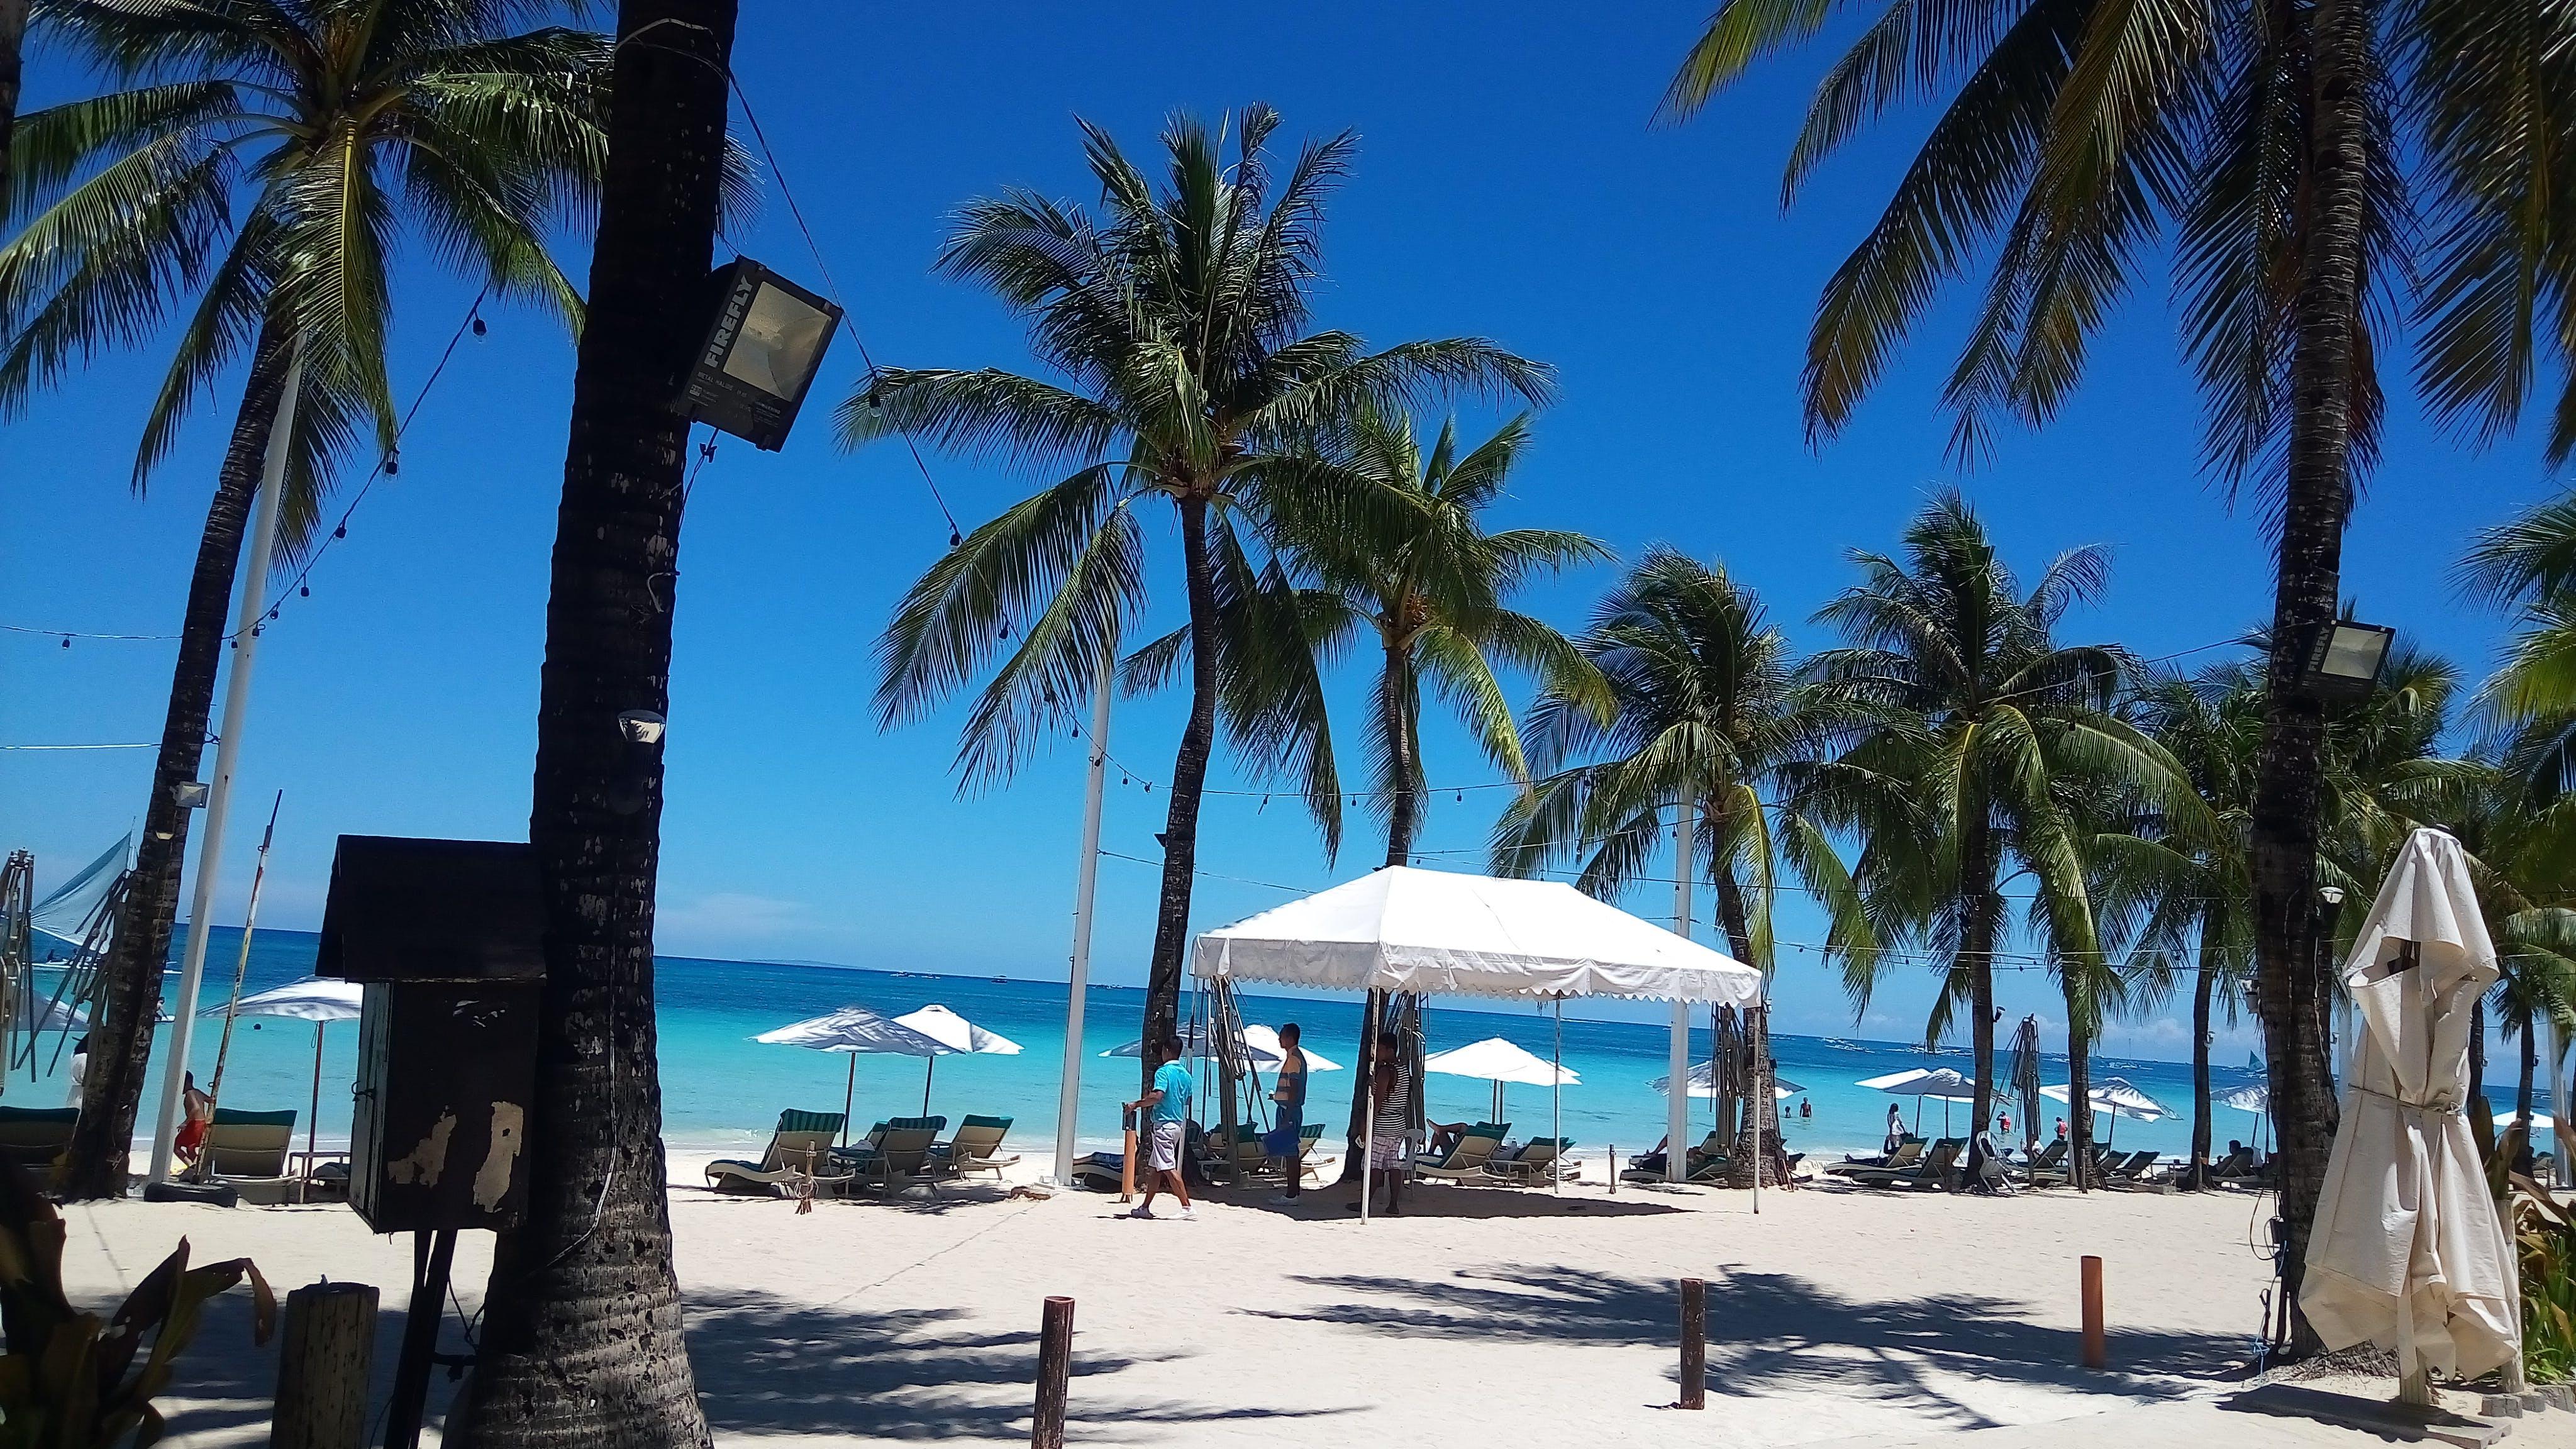 Free stock photo of beach, blue, Boracay, coconut